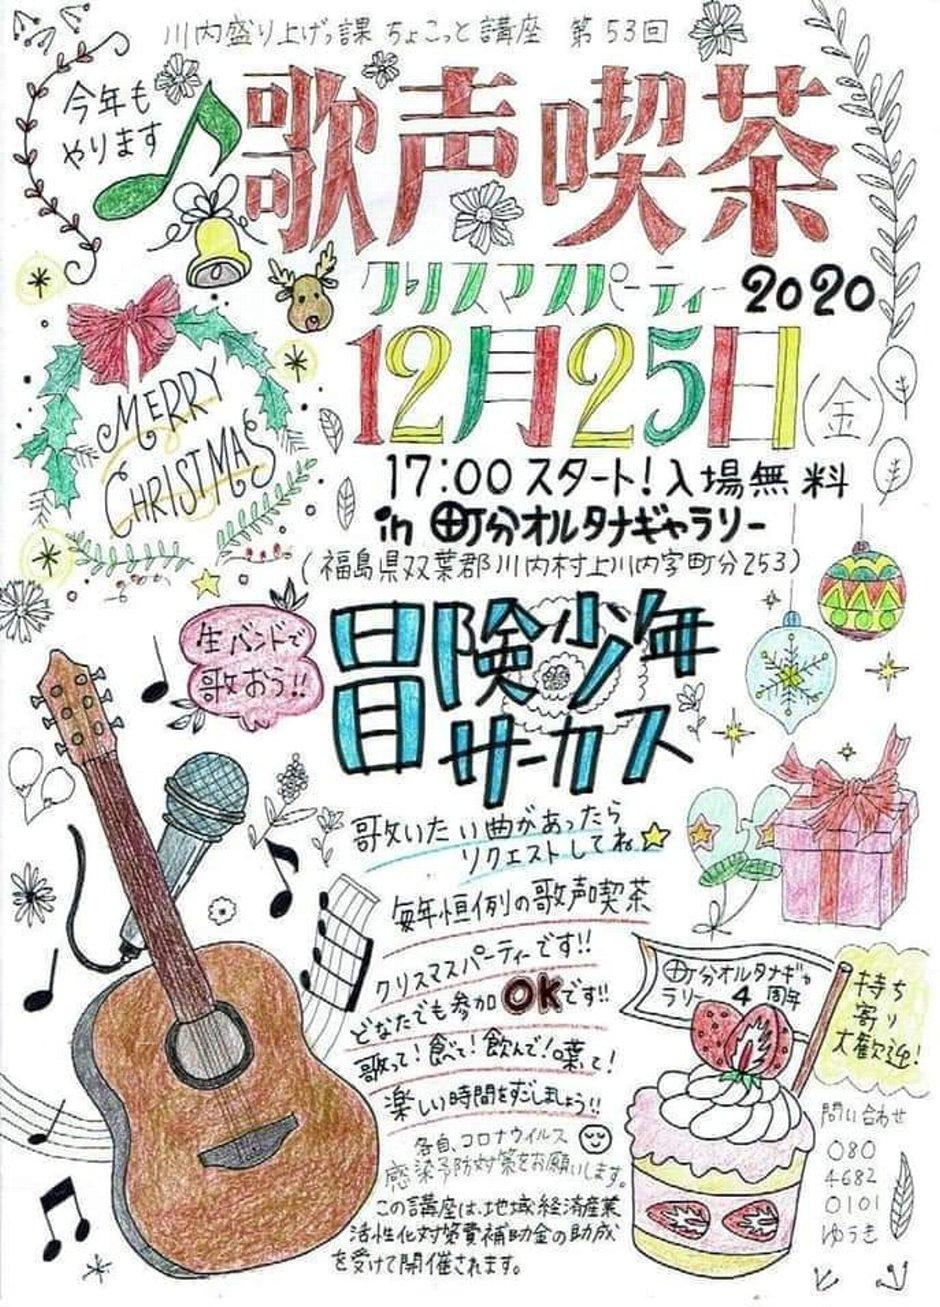 2020.12.25【川内村】歌声喫茶クリスマスパーティ2020